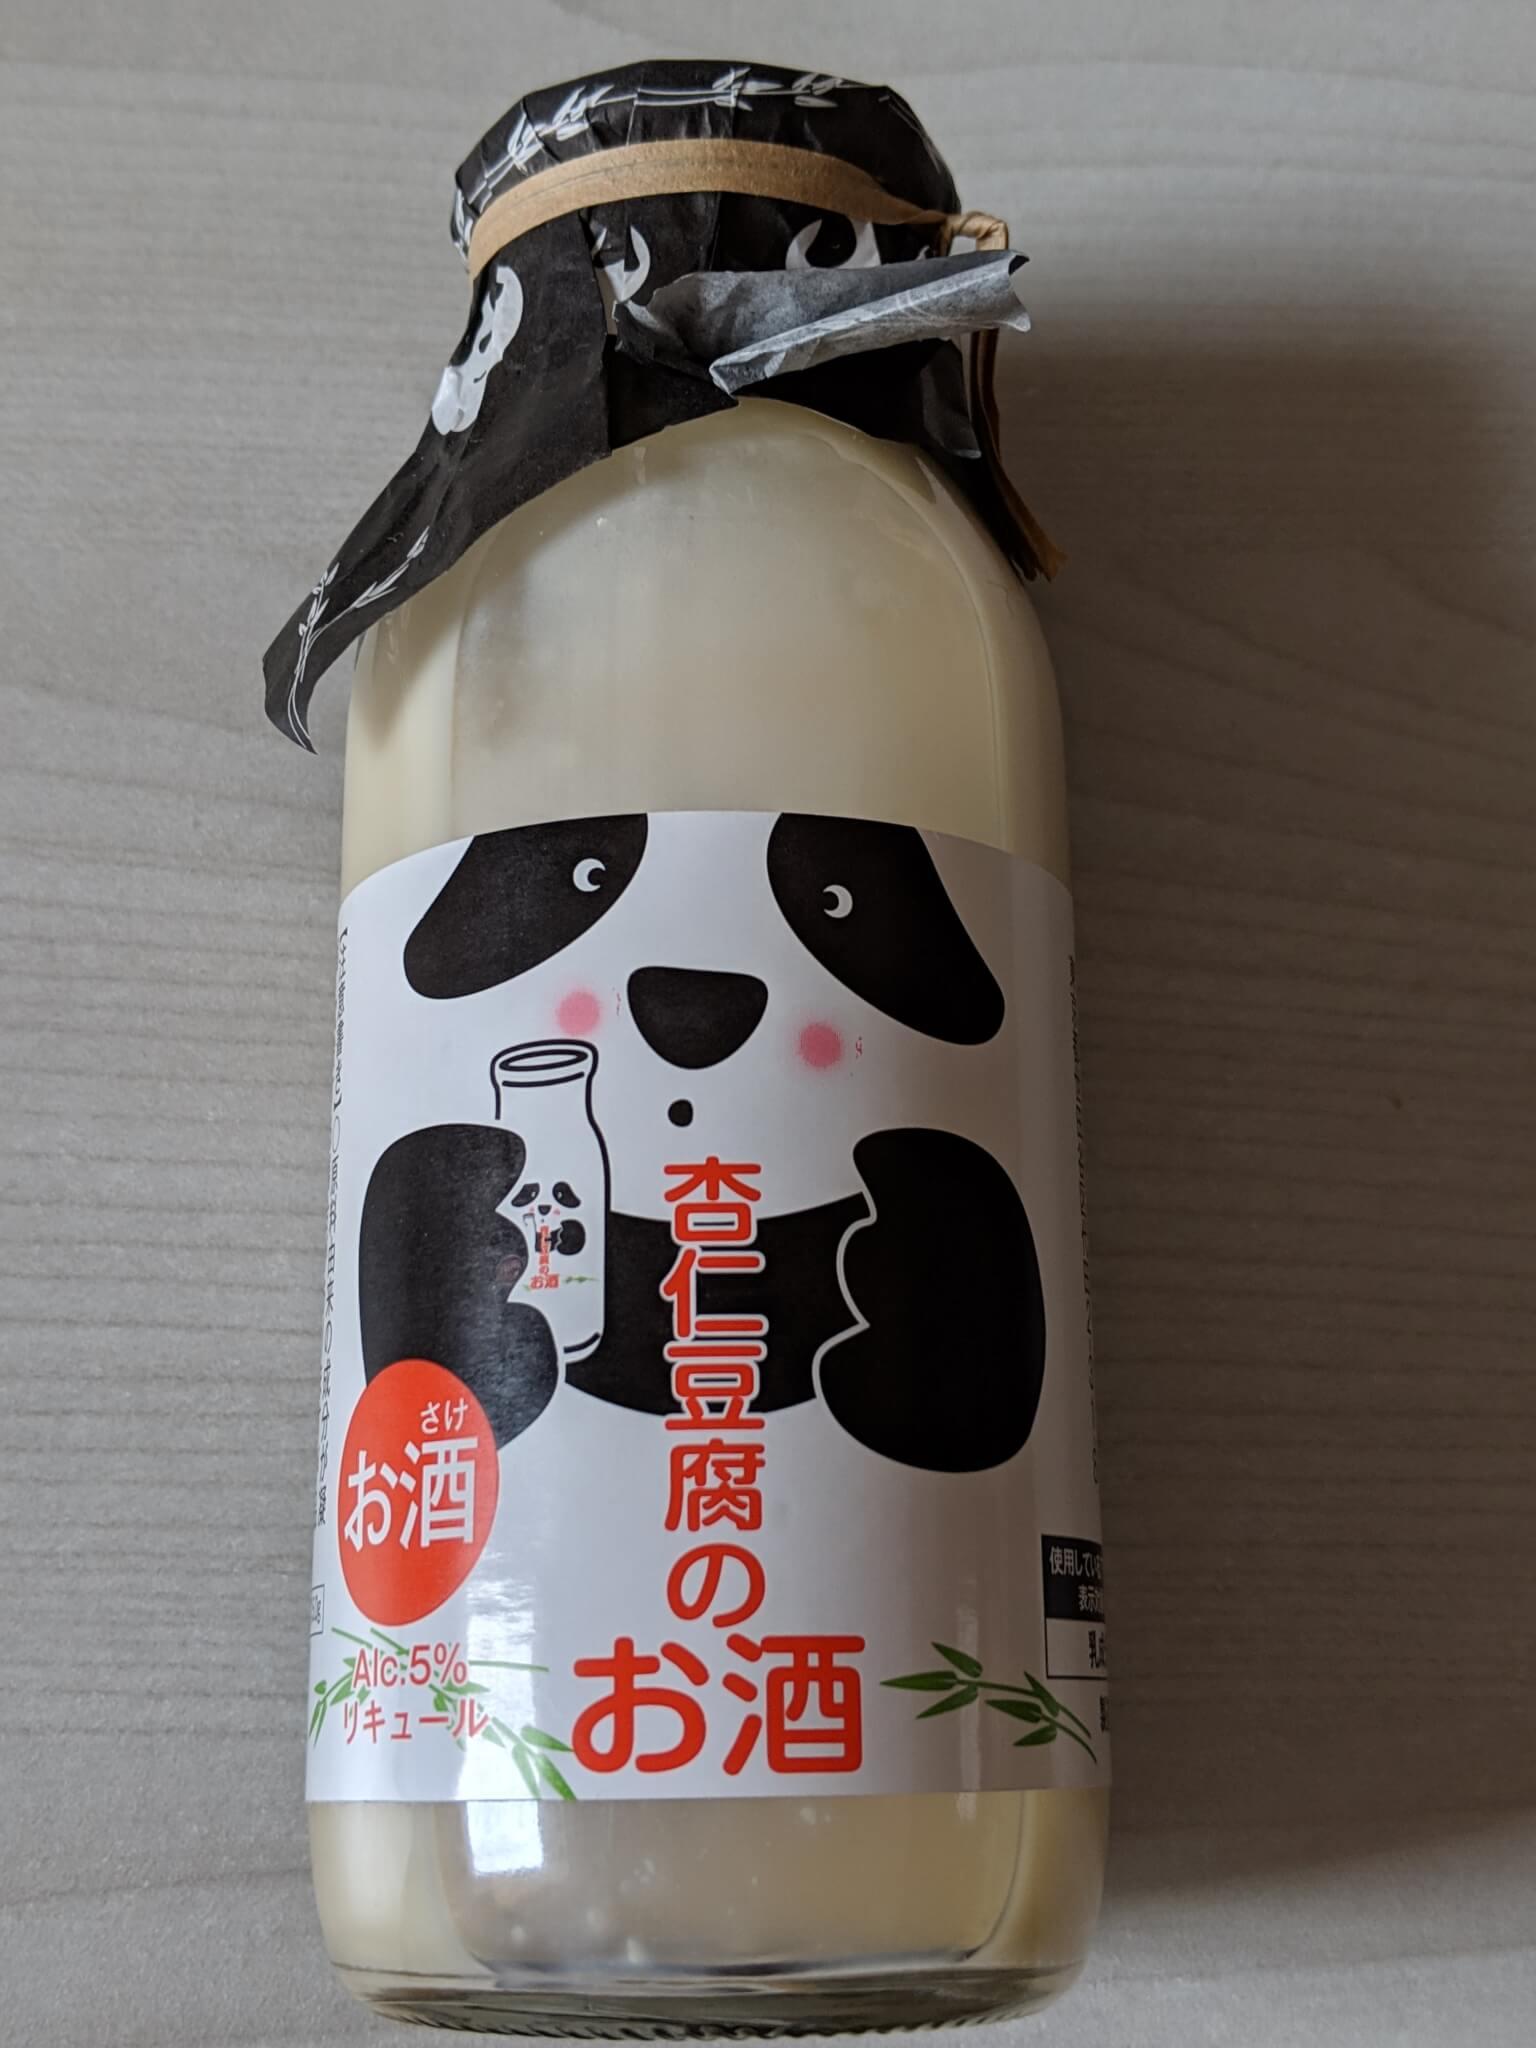 カルディの杏仁豆腐のお酒